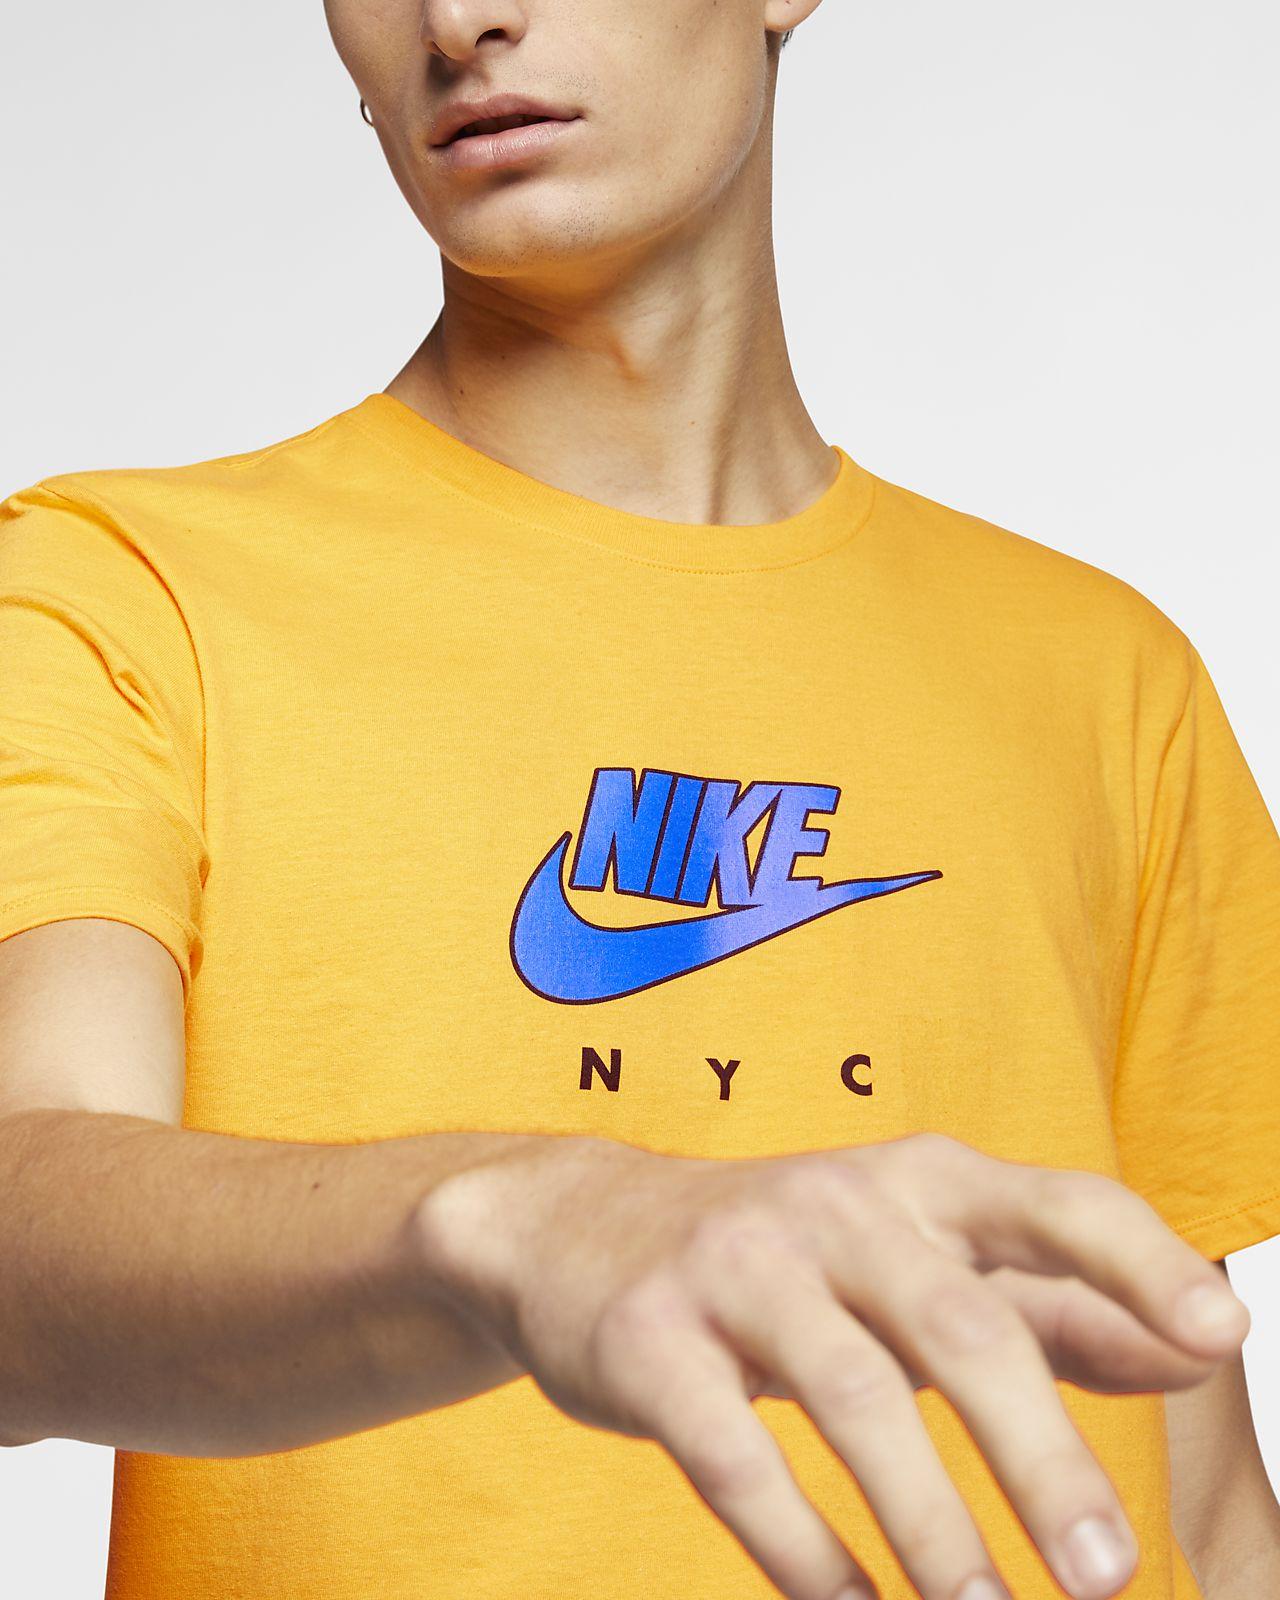 CityMen's Sportswearnew York Shirt Nike T wiOPTZukX